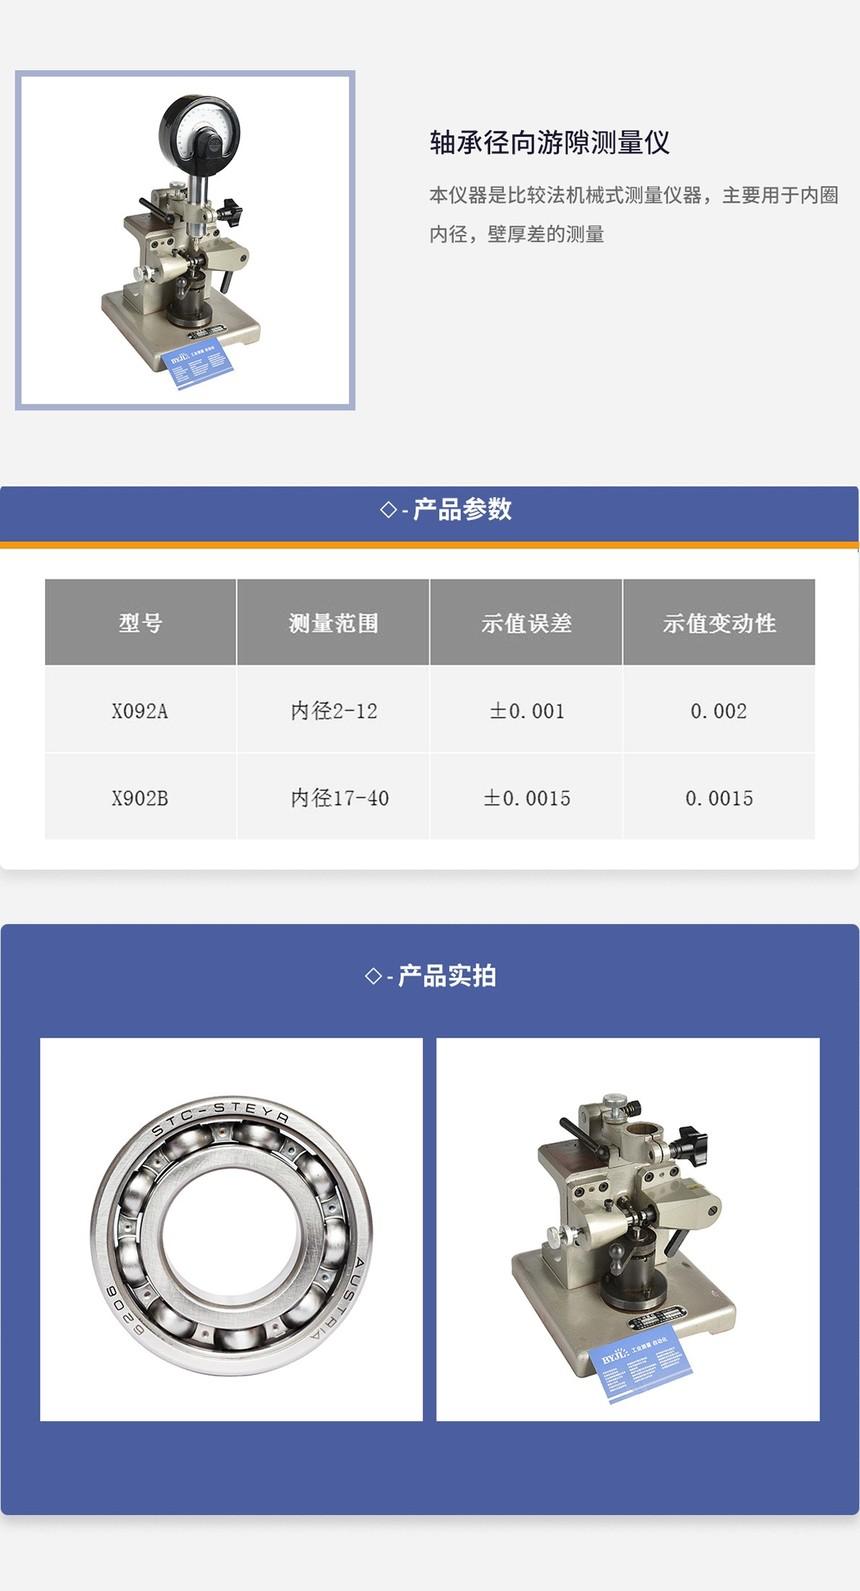 X092A轴承径向游隙测量仪_02.jpg